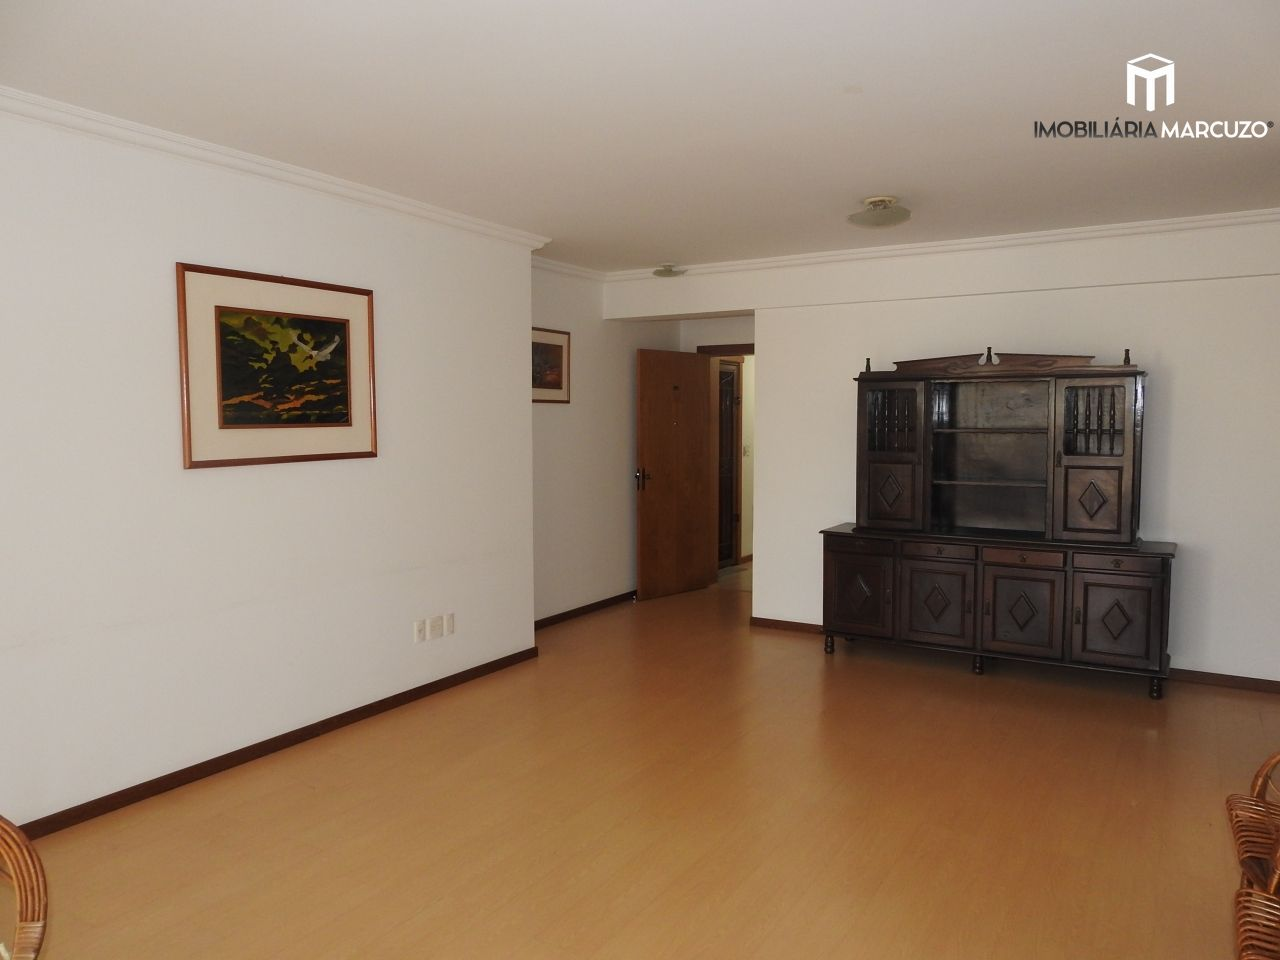 Apartamento com 3 Dormitórios à venda, 132 m² por R$ 750.000,00